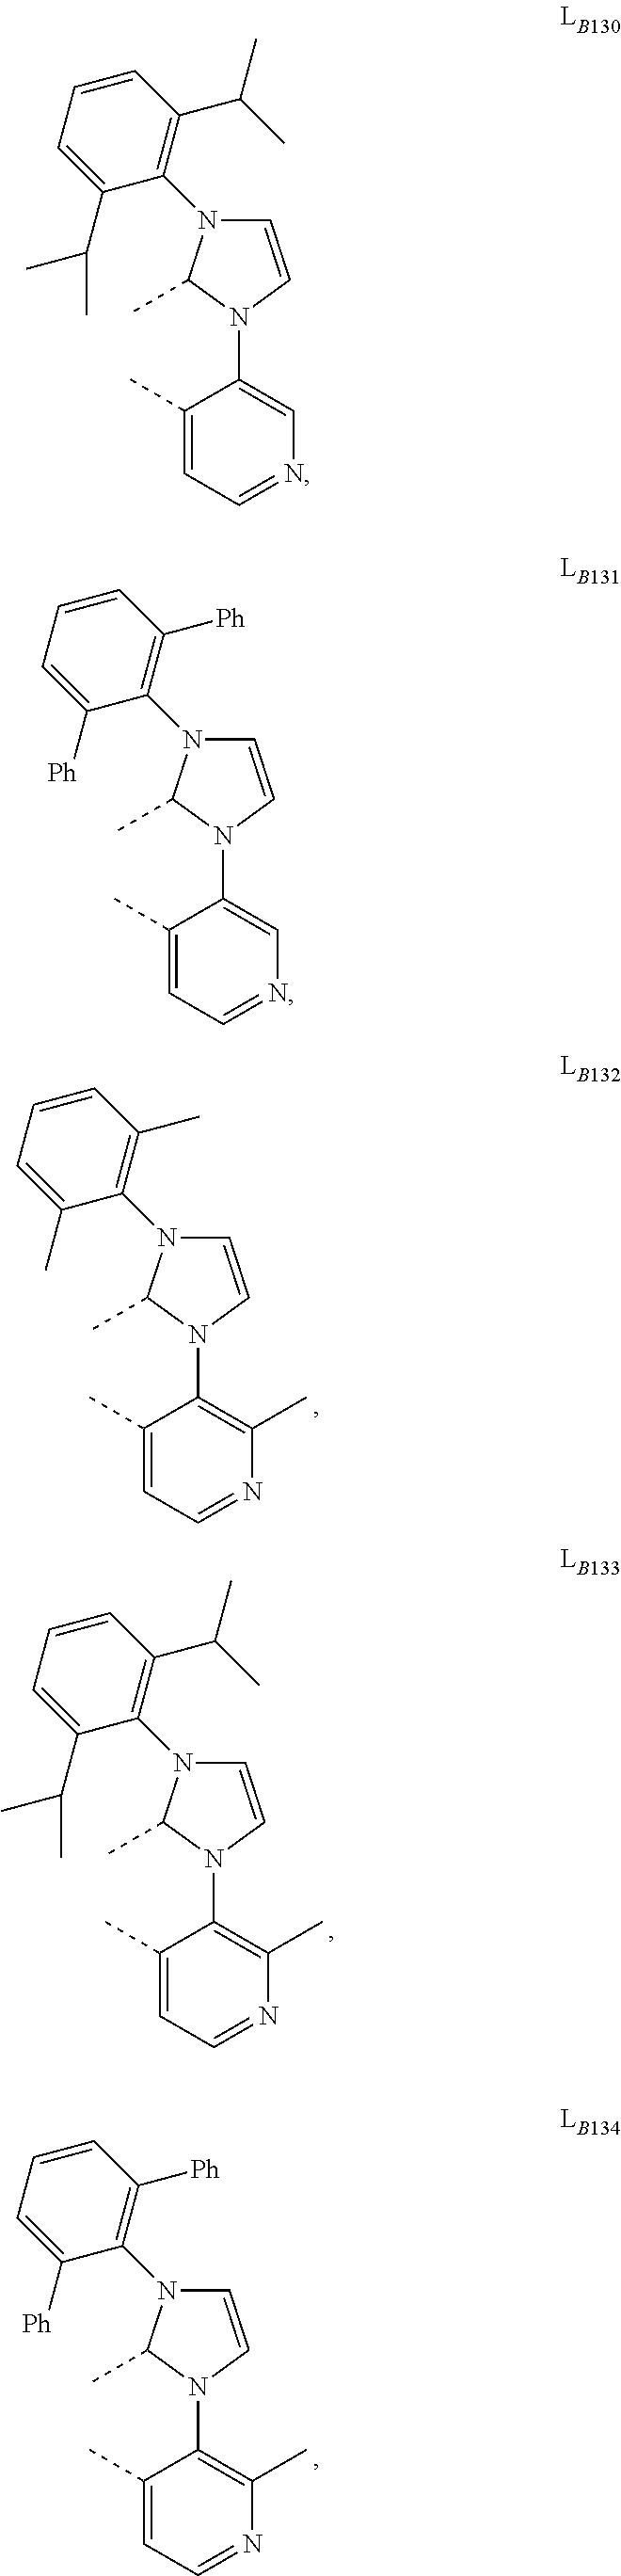 Figure US09905785-20180227-C00526